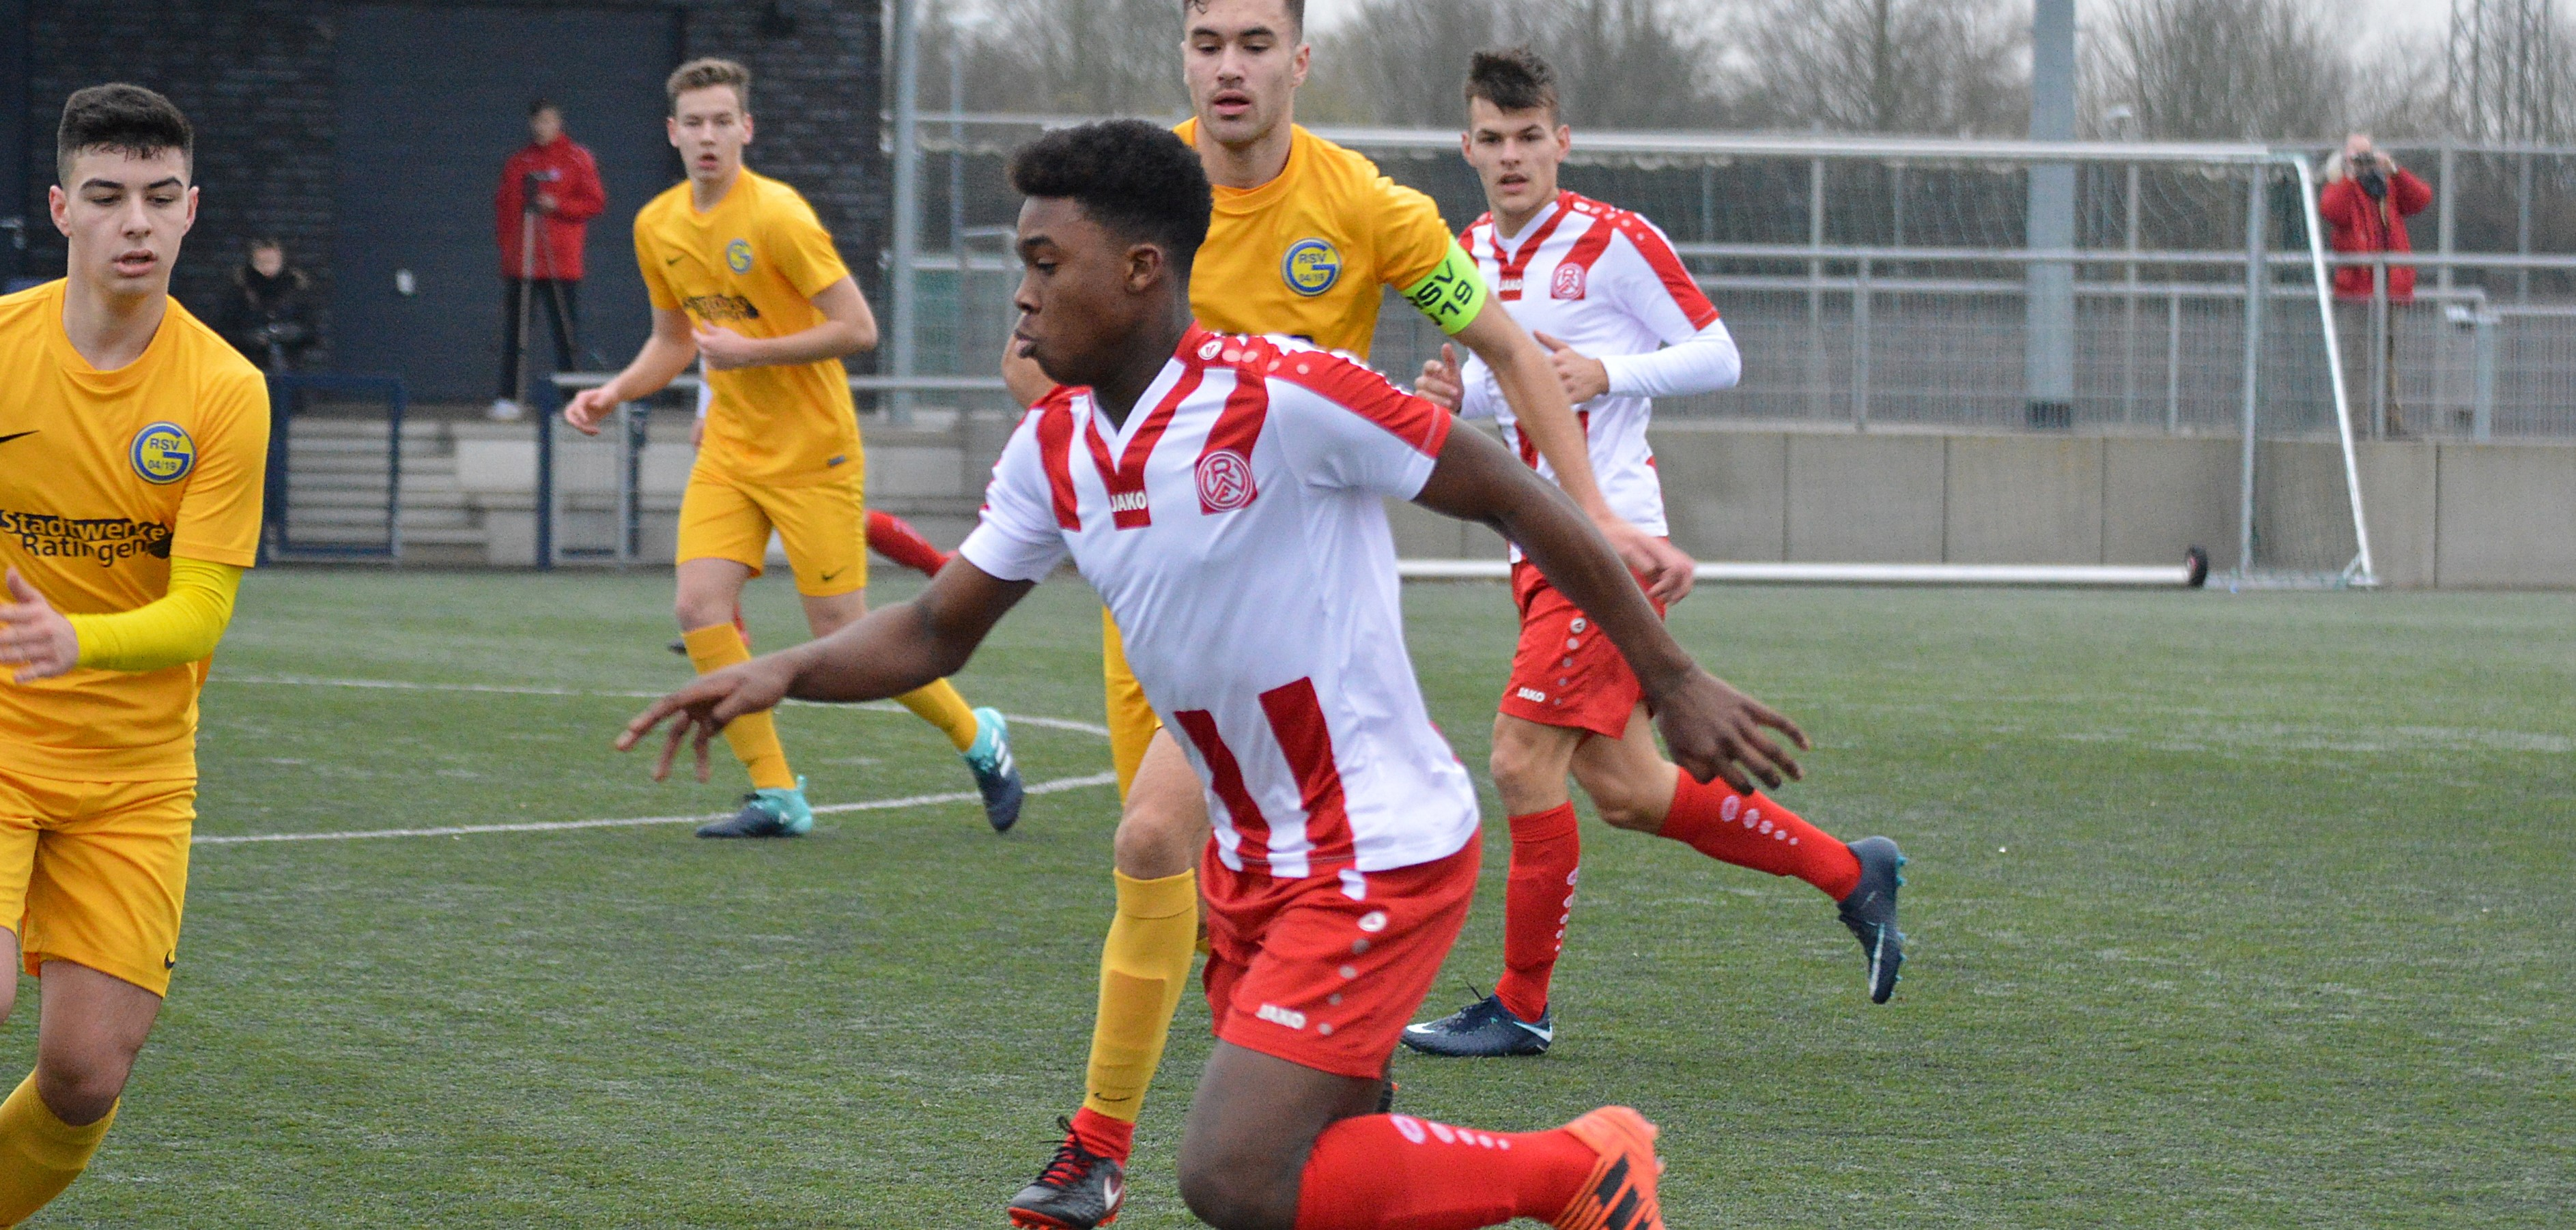 Die rot-weisse U19 gewann ihr Testspiel gegen den KFC Uerdingen mit 11:0. (Foto: Skuppin)